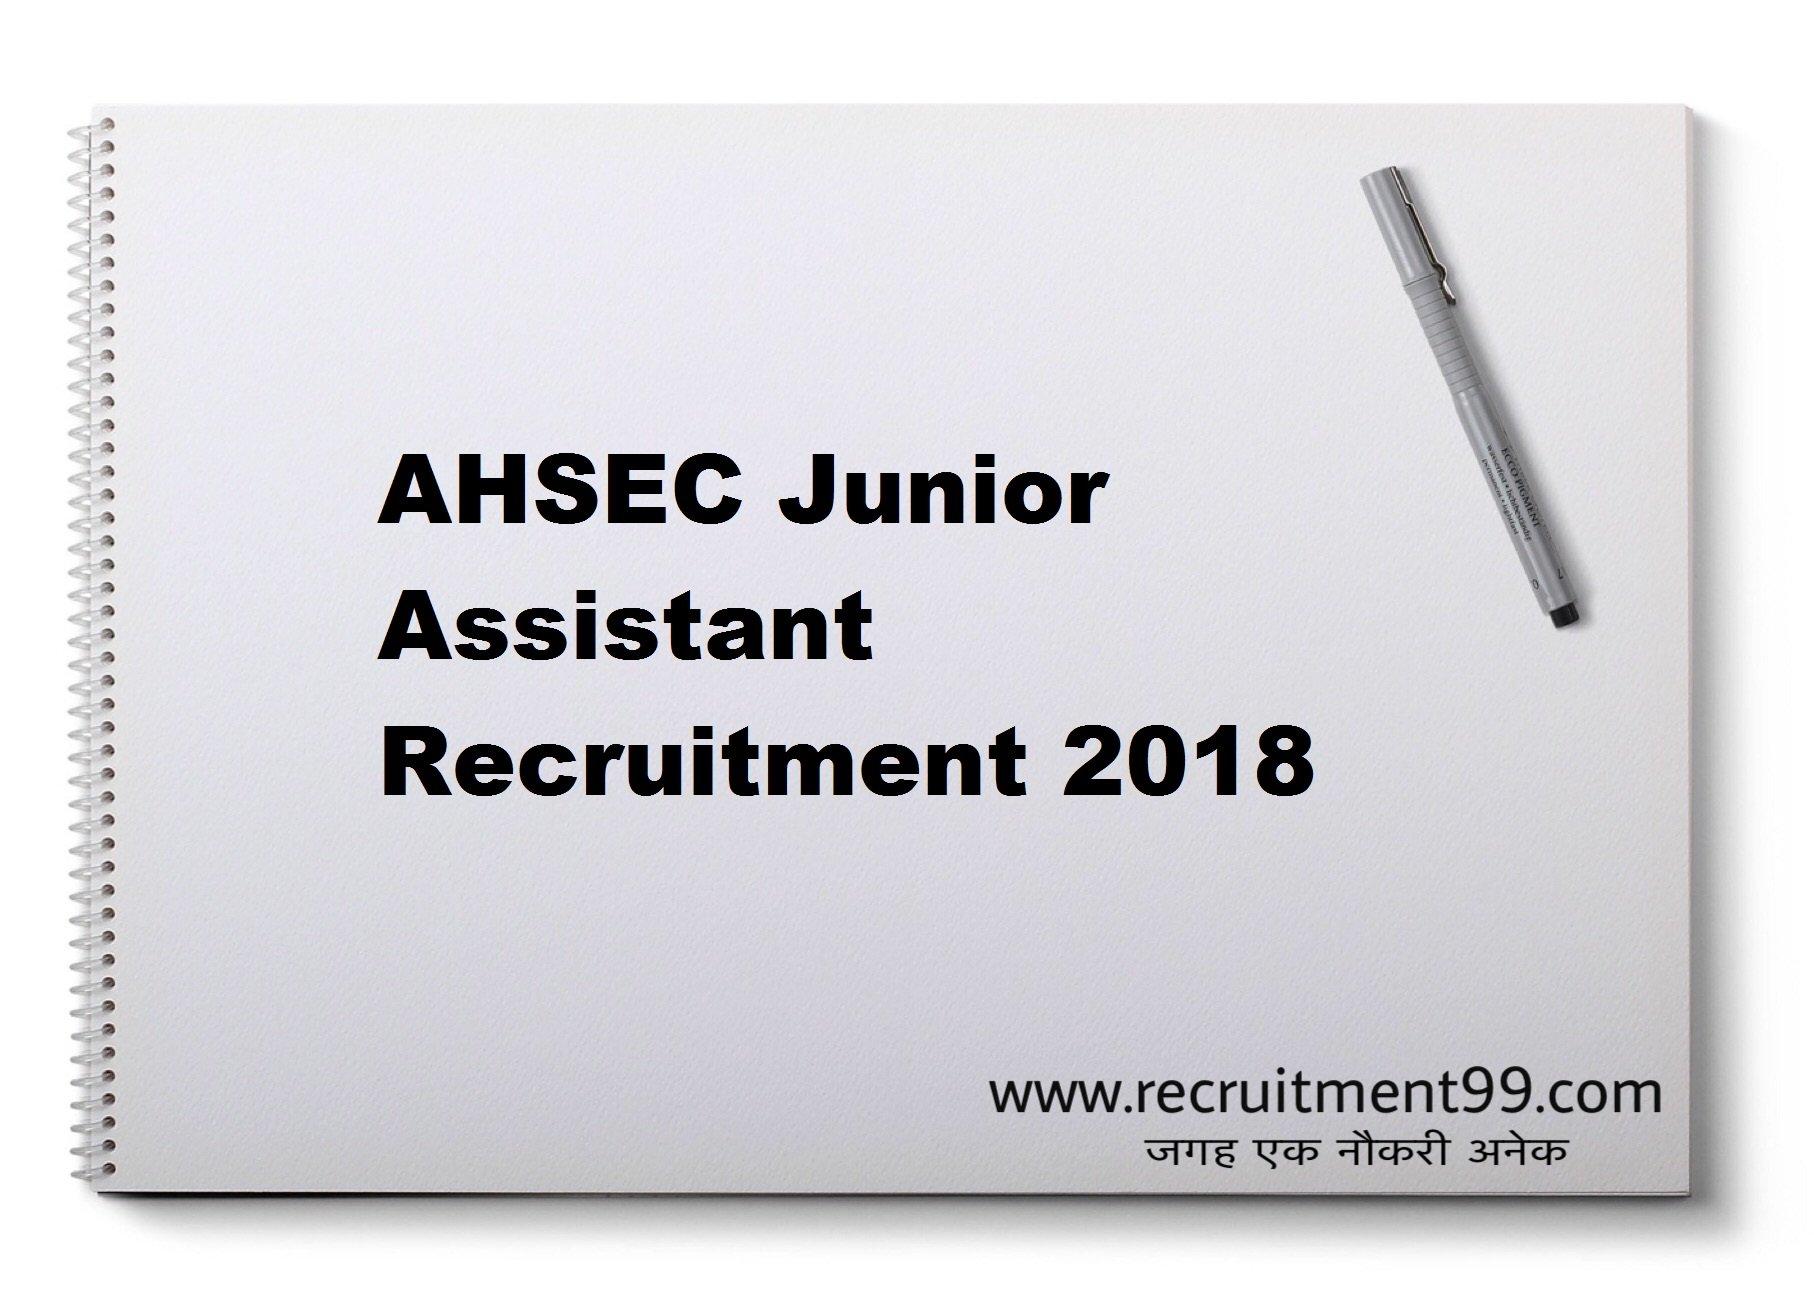 AHSEC Junior Assistant Recruitment Admit Card Result 2018